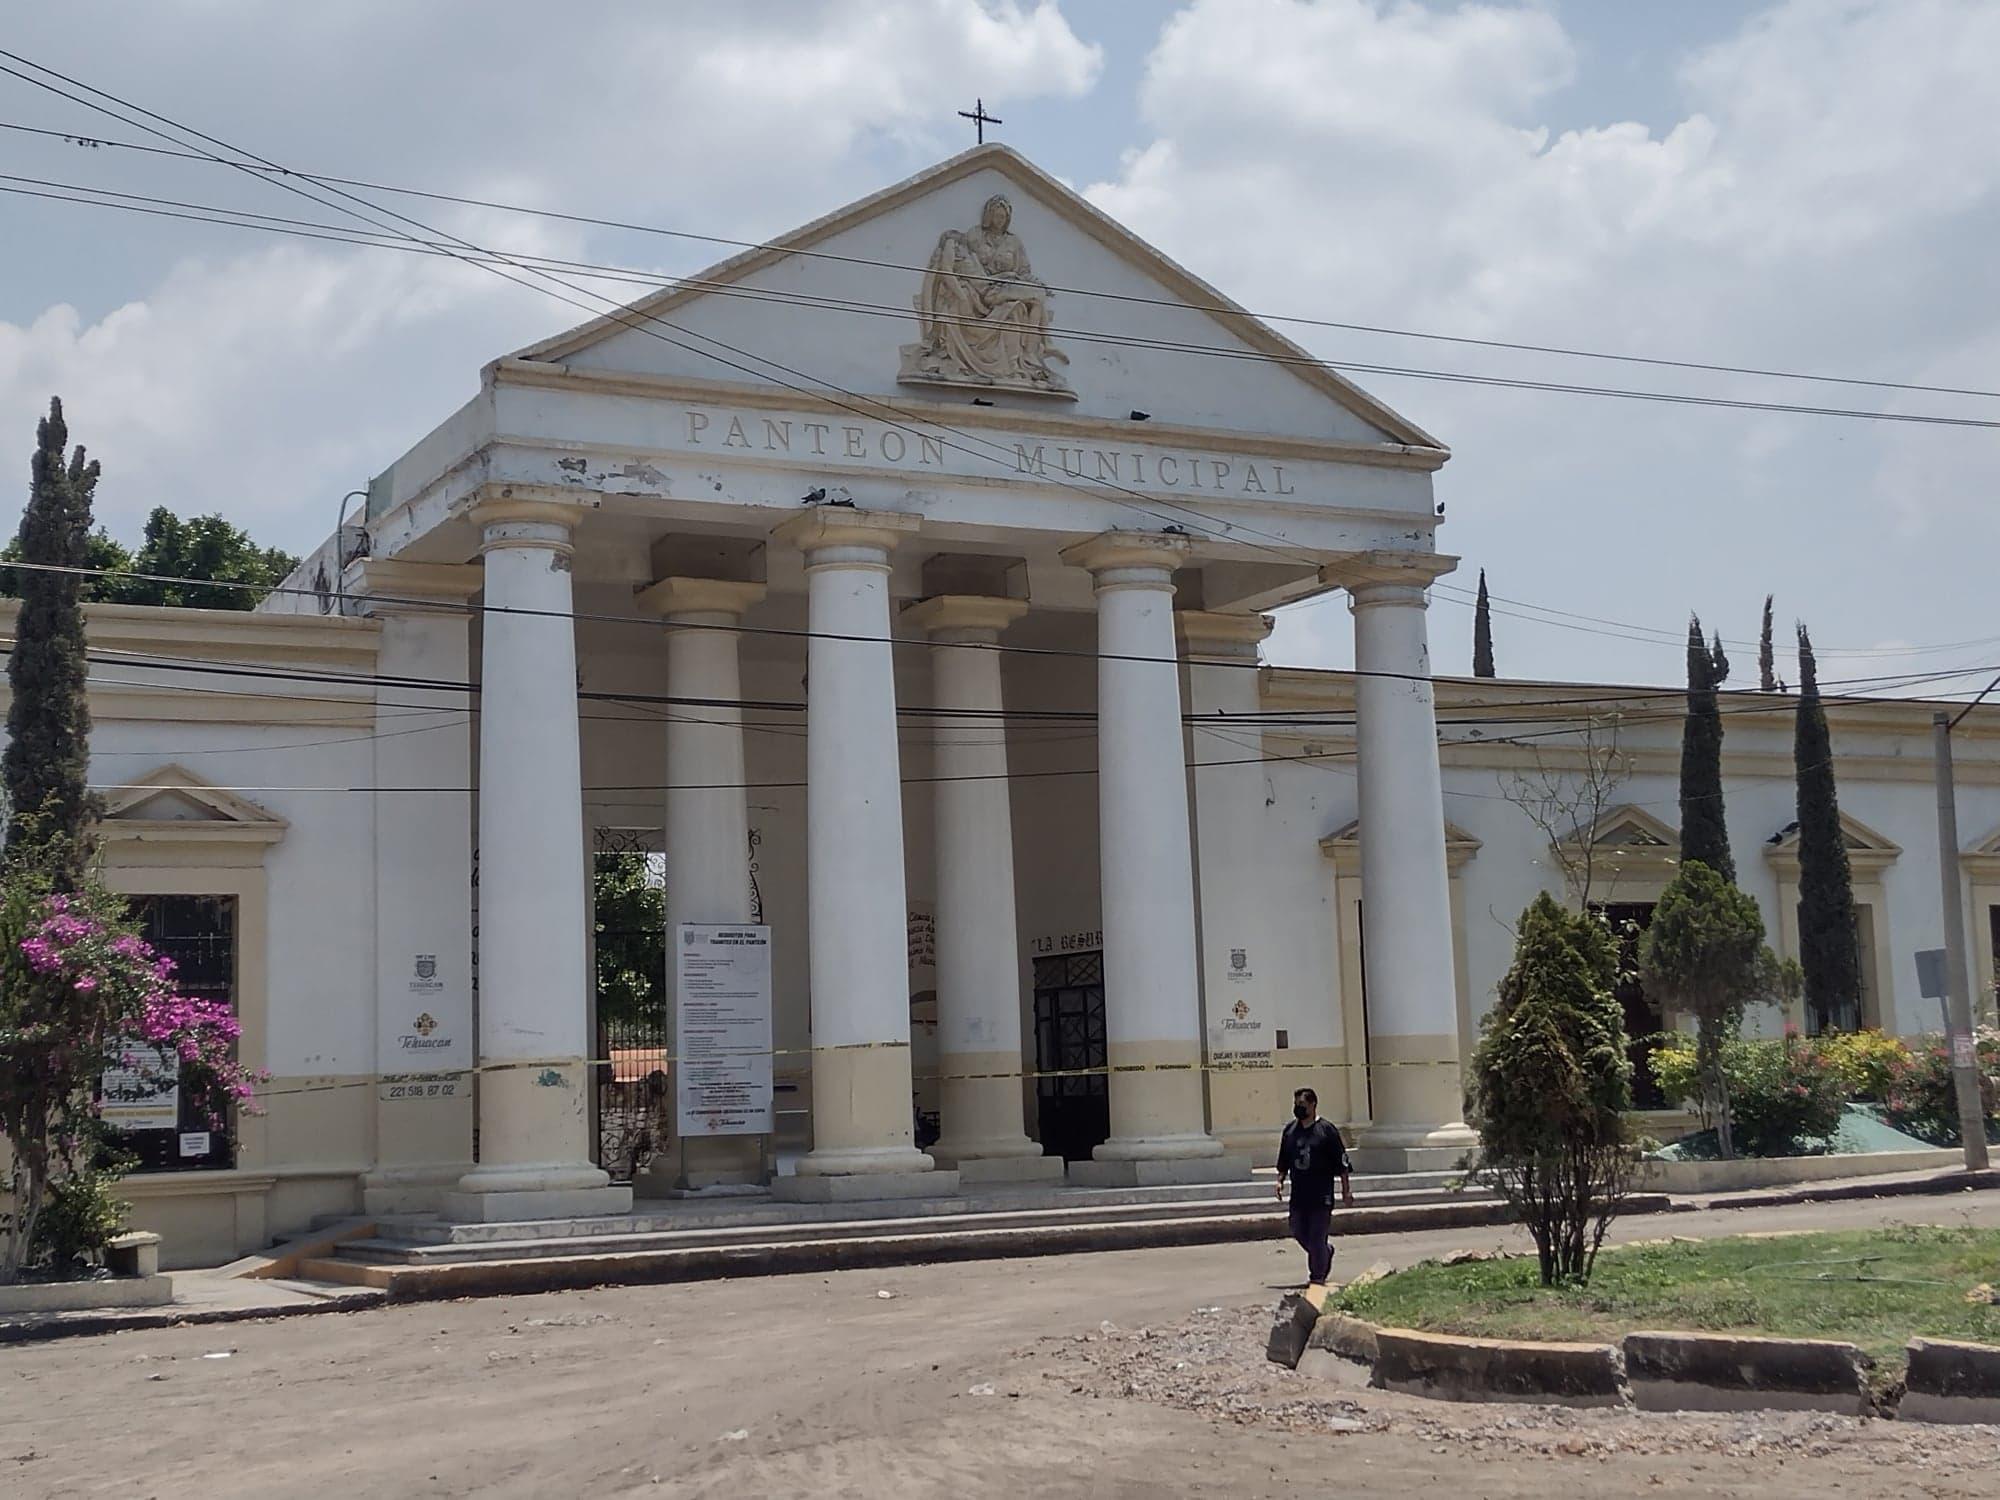 Permitirán aforo reducido en panteones por Día del Padre en Tehuacán